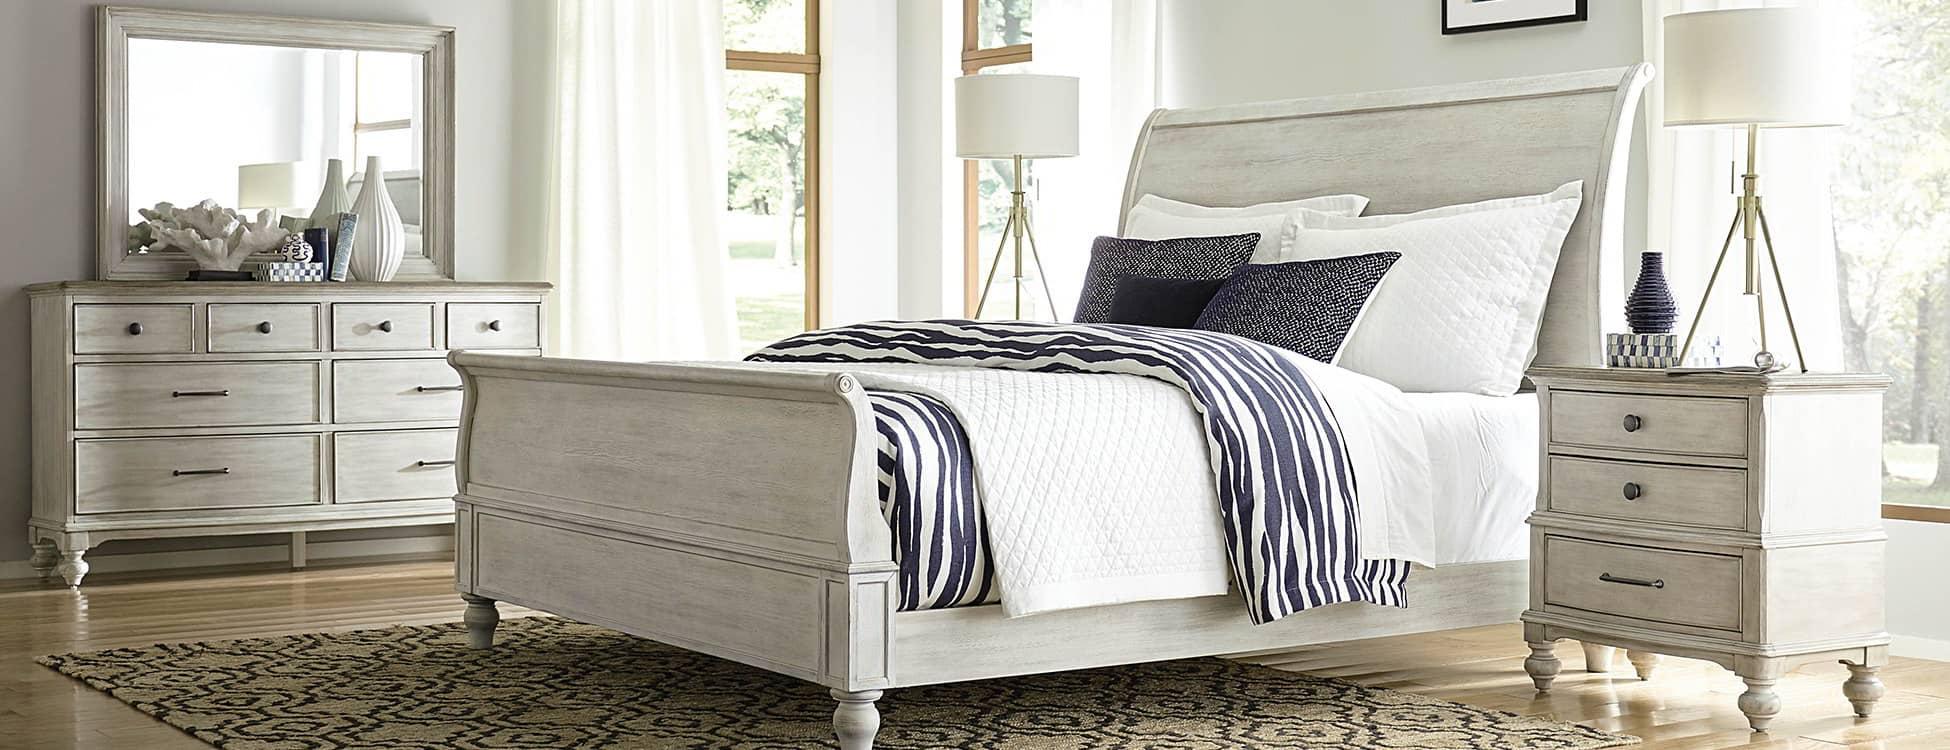 Litchfield-bedroom-copy